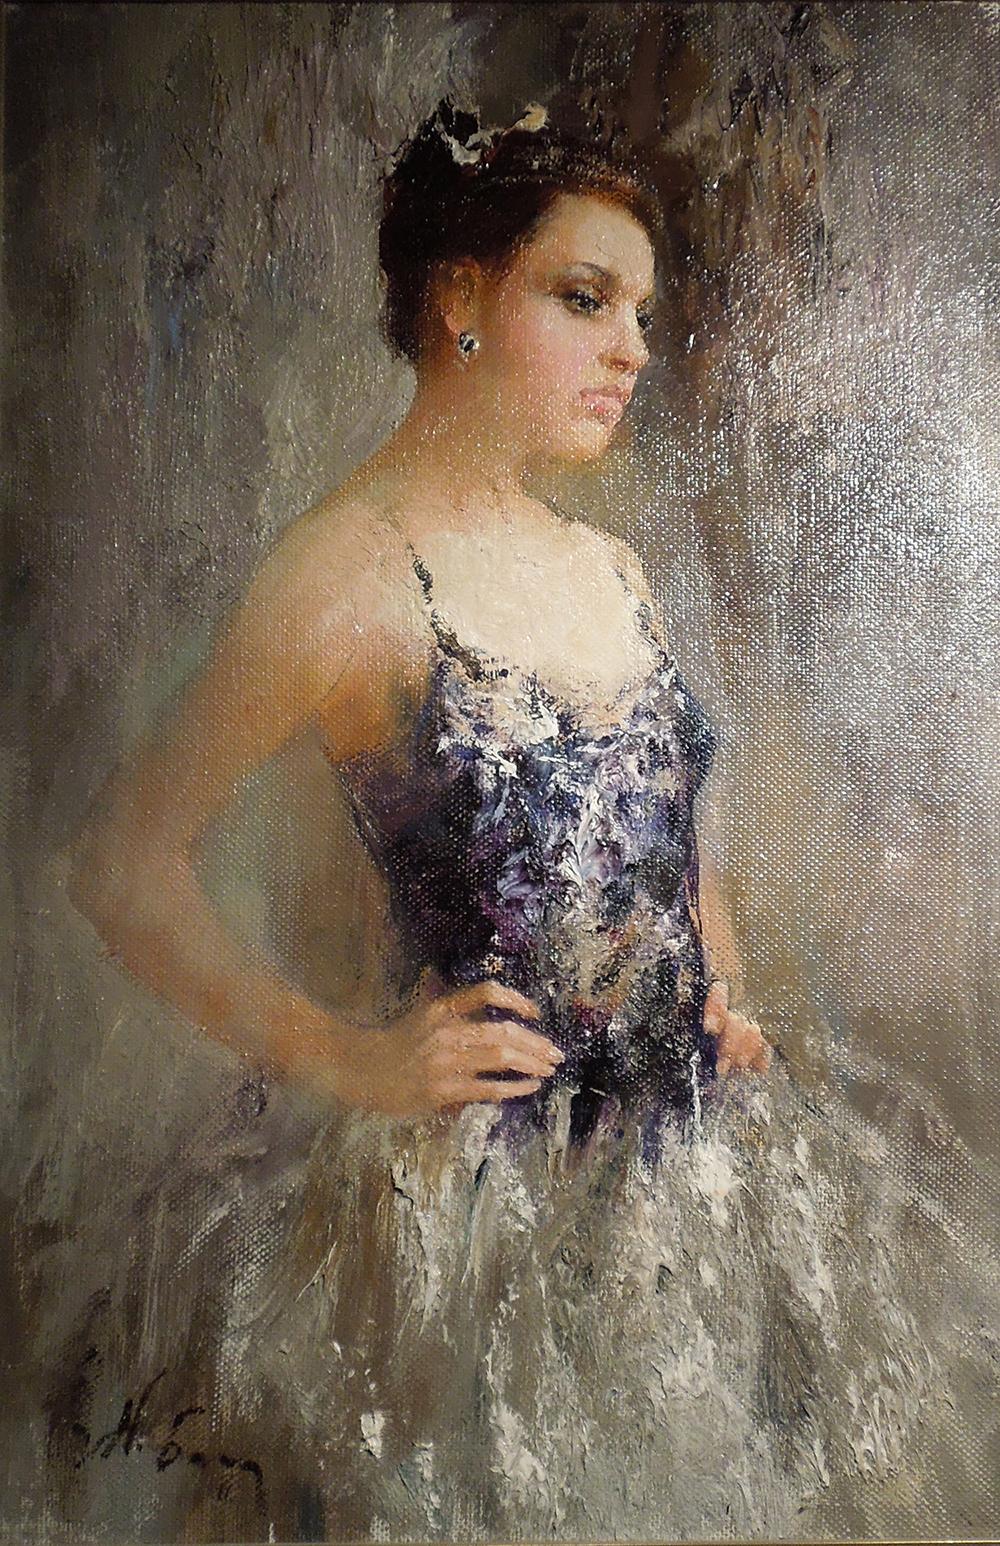 Blokhin, Ballerina 2